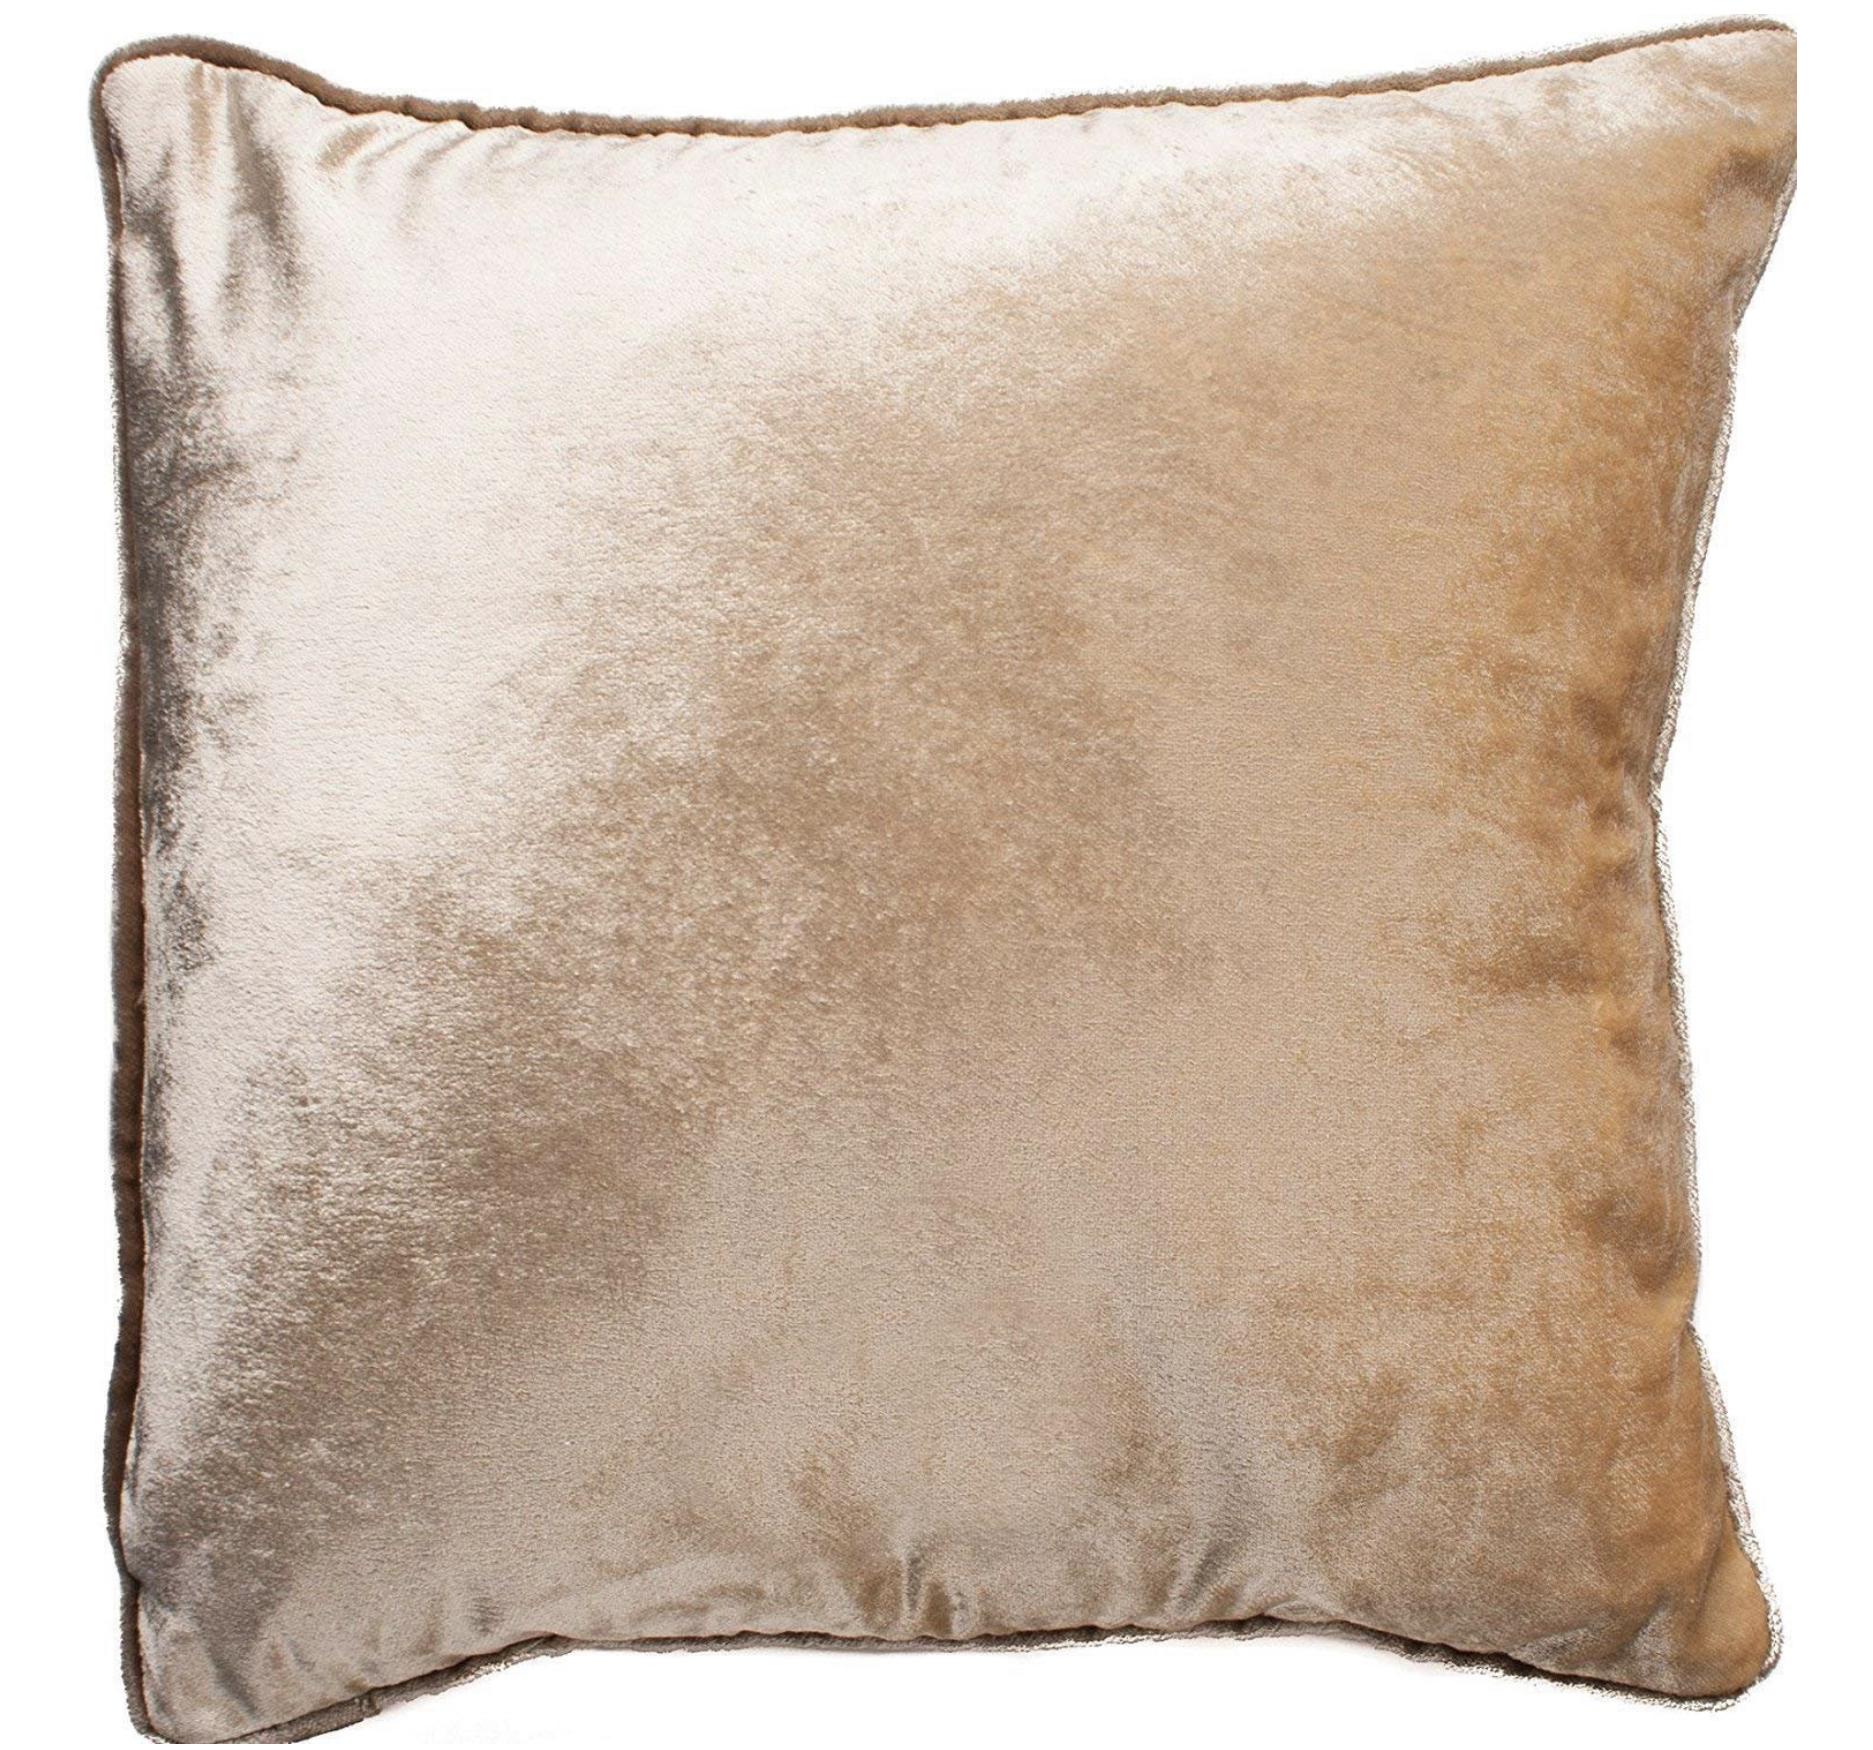 McAlister Textiles Velvet Euro Pillow Sham | Champagne Gold